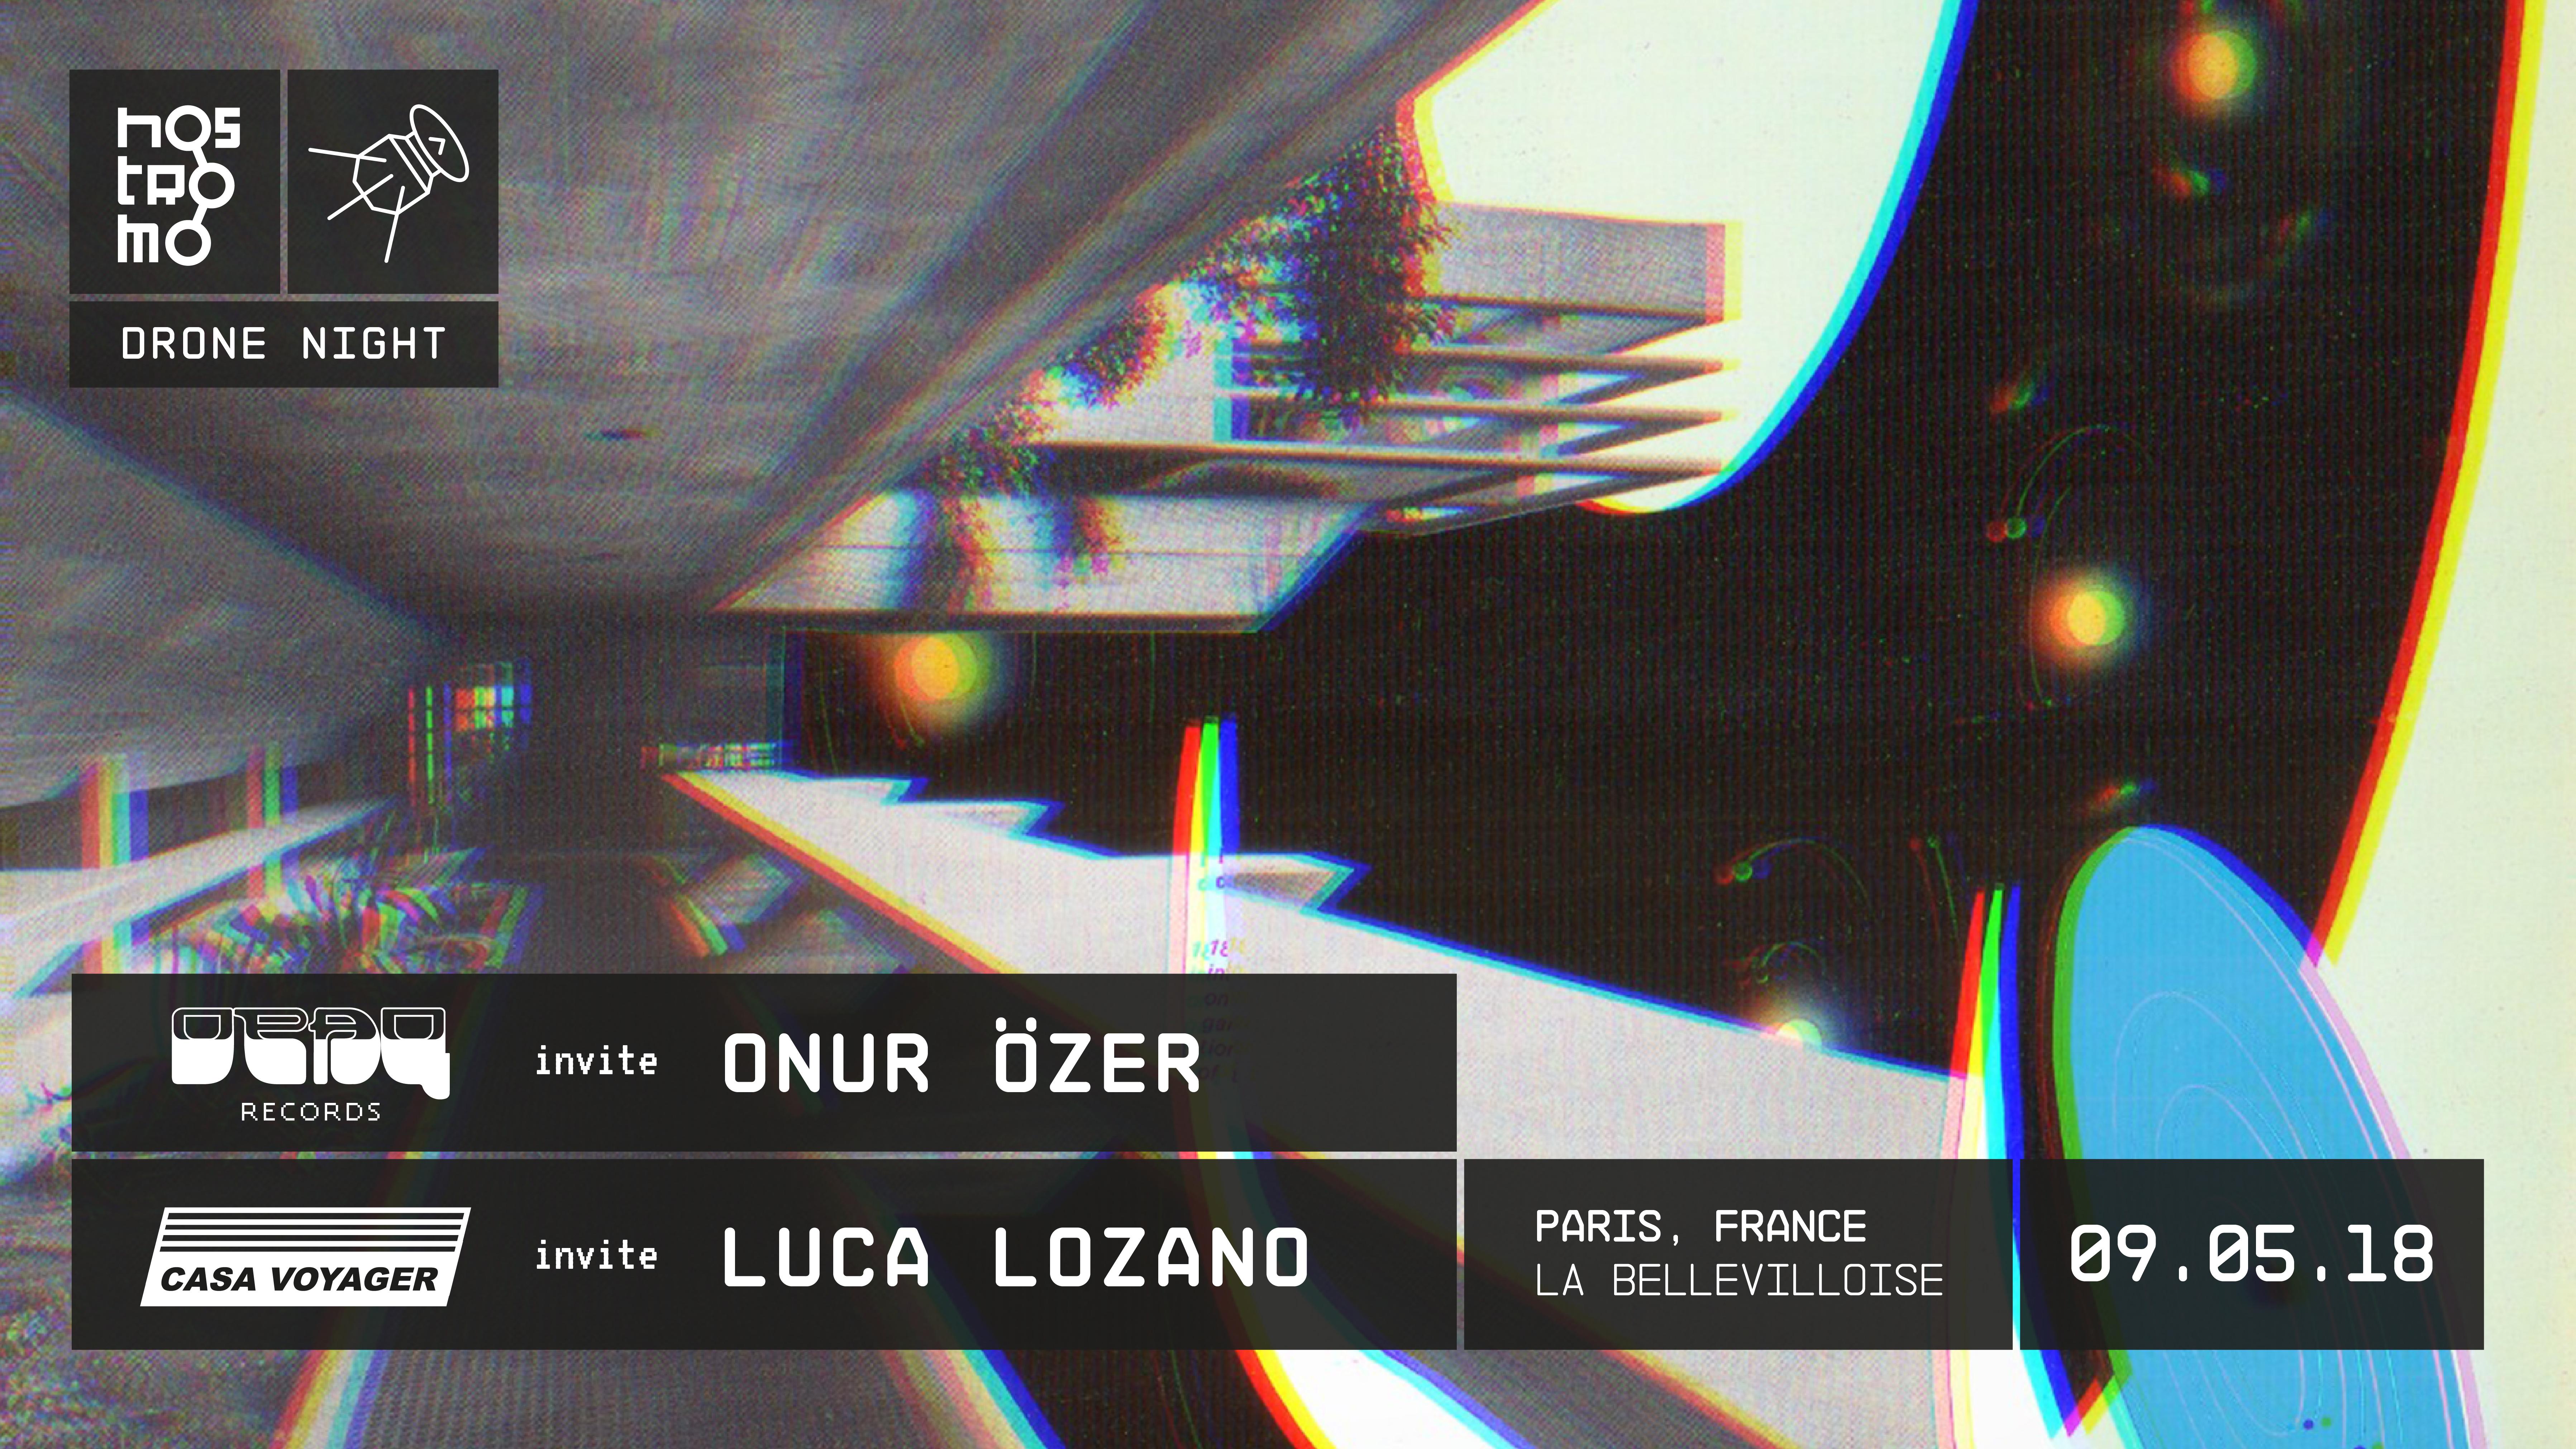 Nostromo Drone Night : Opaq Records invite Onur Özer & Casa Voyager invite Luca Lozano